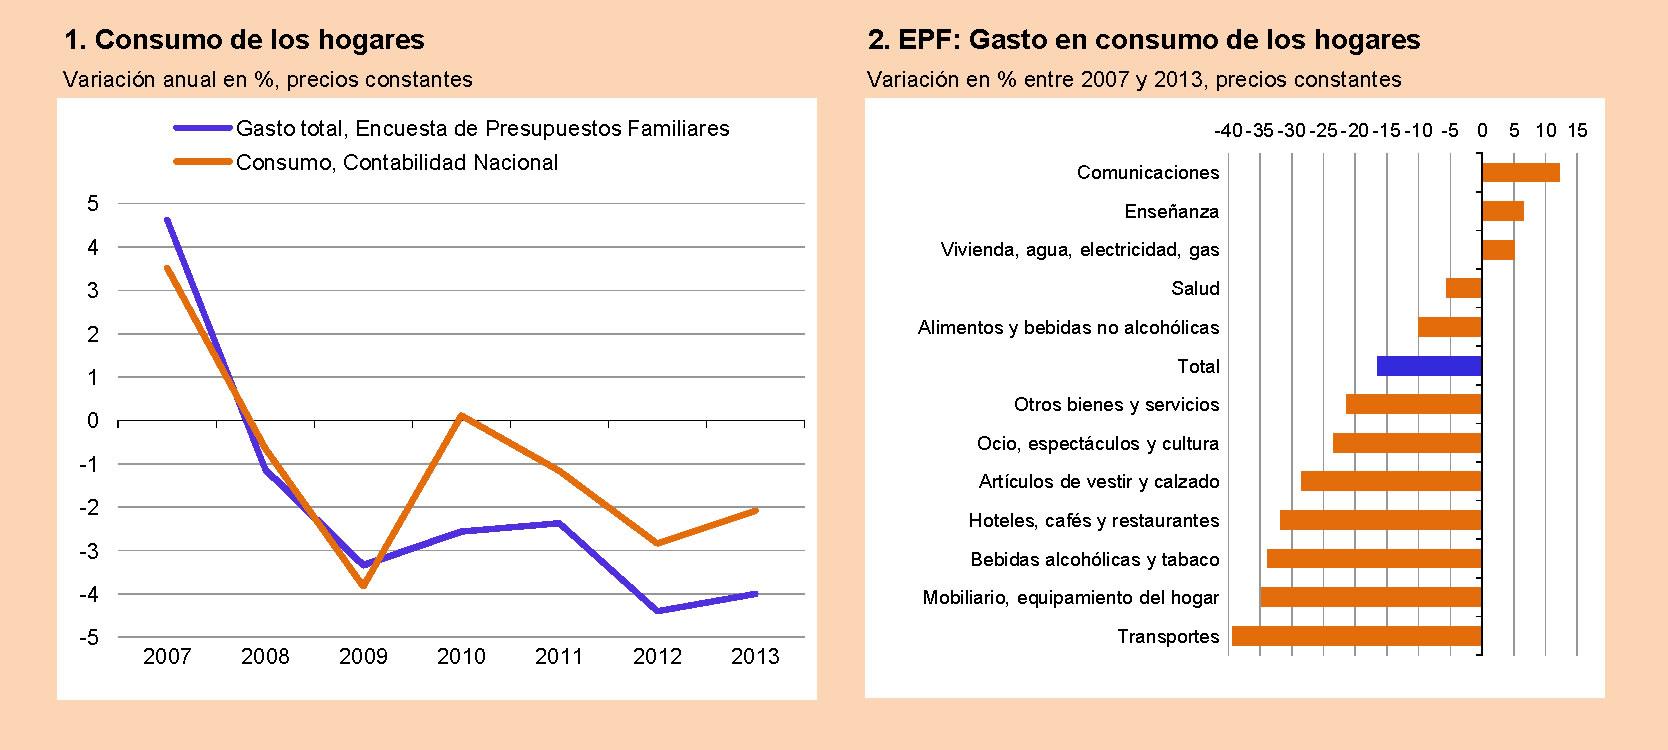 El consumo de los hogares durante la crisis